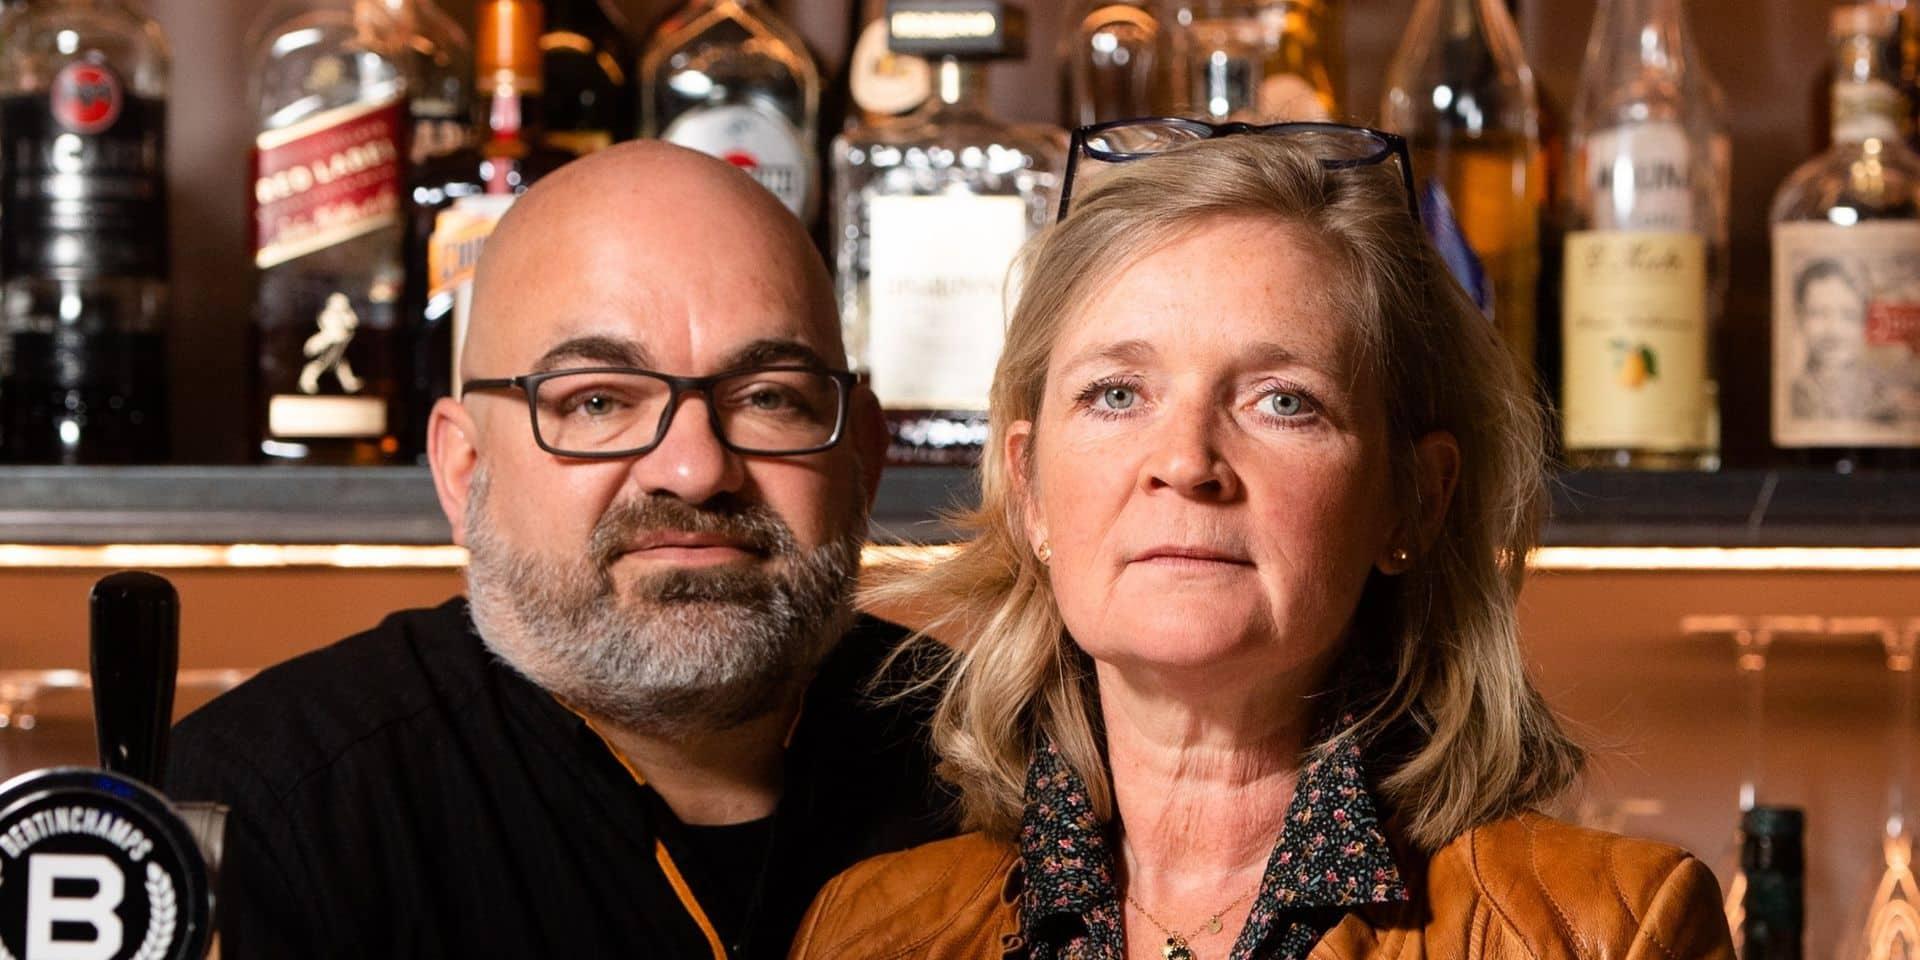 """Didier et Sandrine ont ouvert leur restaurant en janvier 2020 : """"Laissez-nous travailler, on en a marre du stress et d'être sous médicaments"""""""